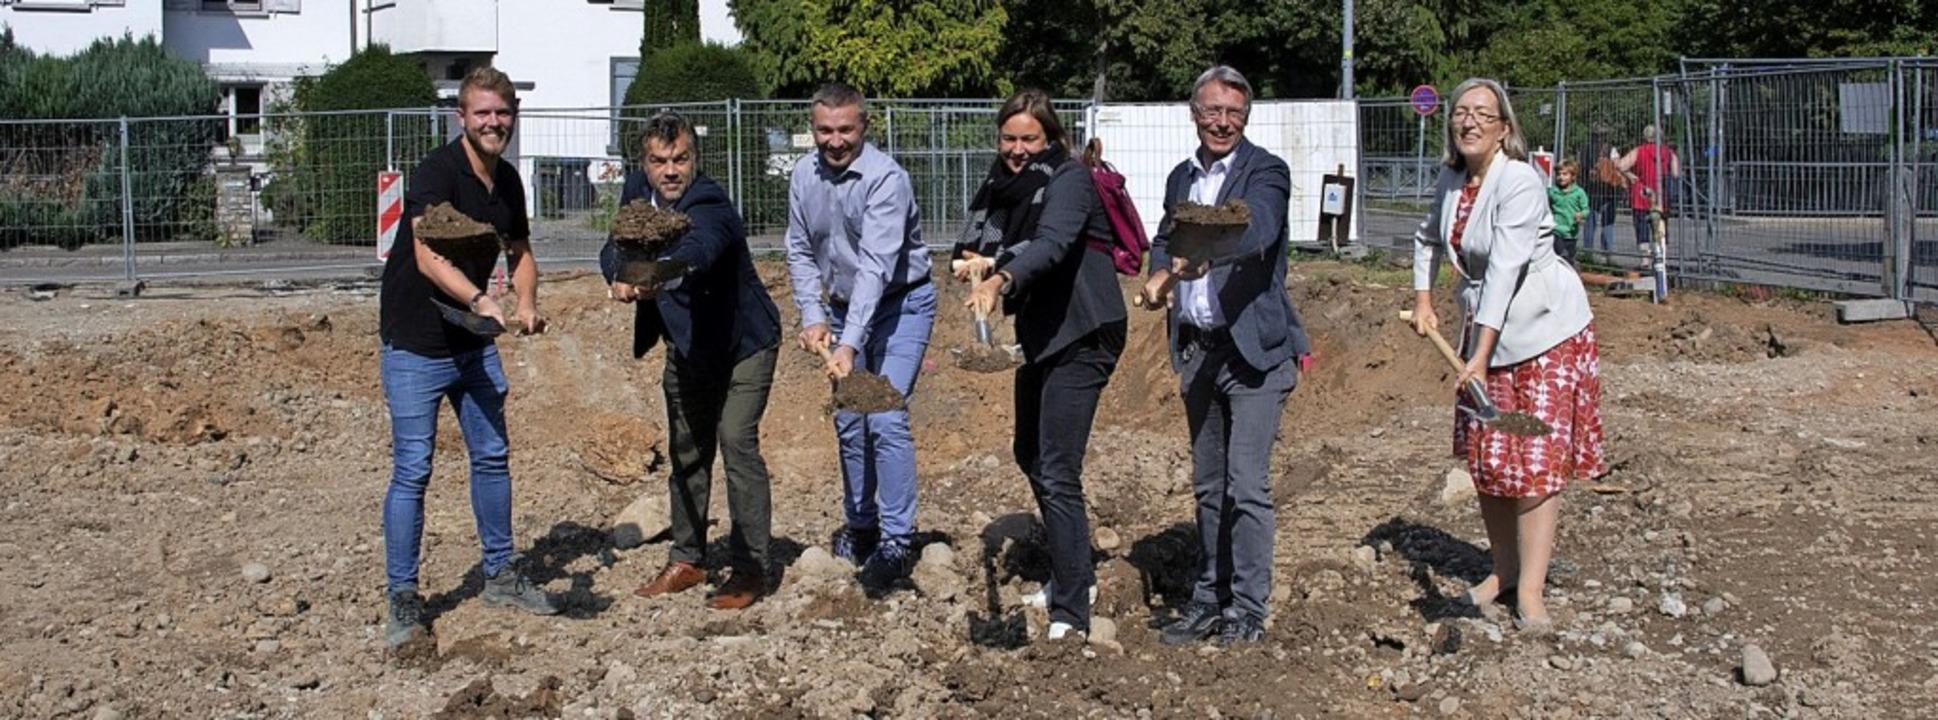 Der Startschuss für den Neubau eines M...dem symbolischen Spatenstich gefallen.  | Foto: Volker Münch